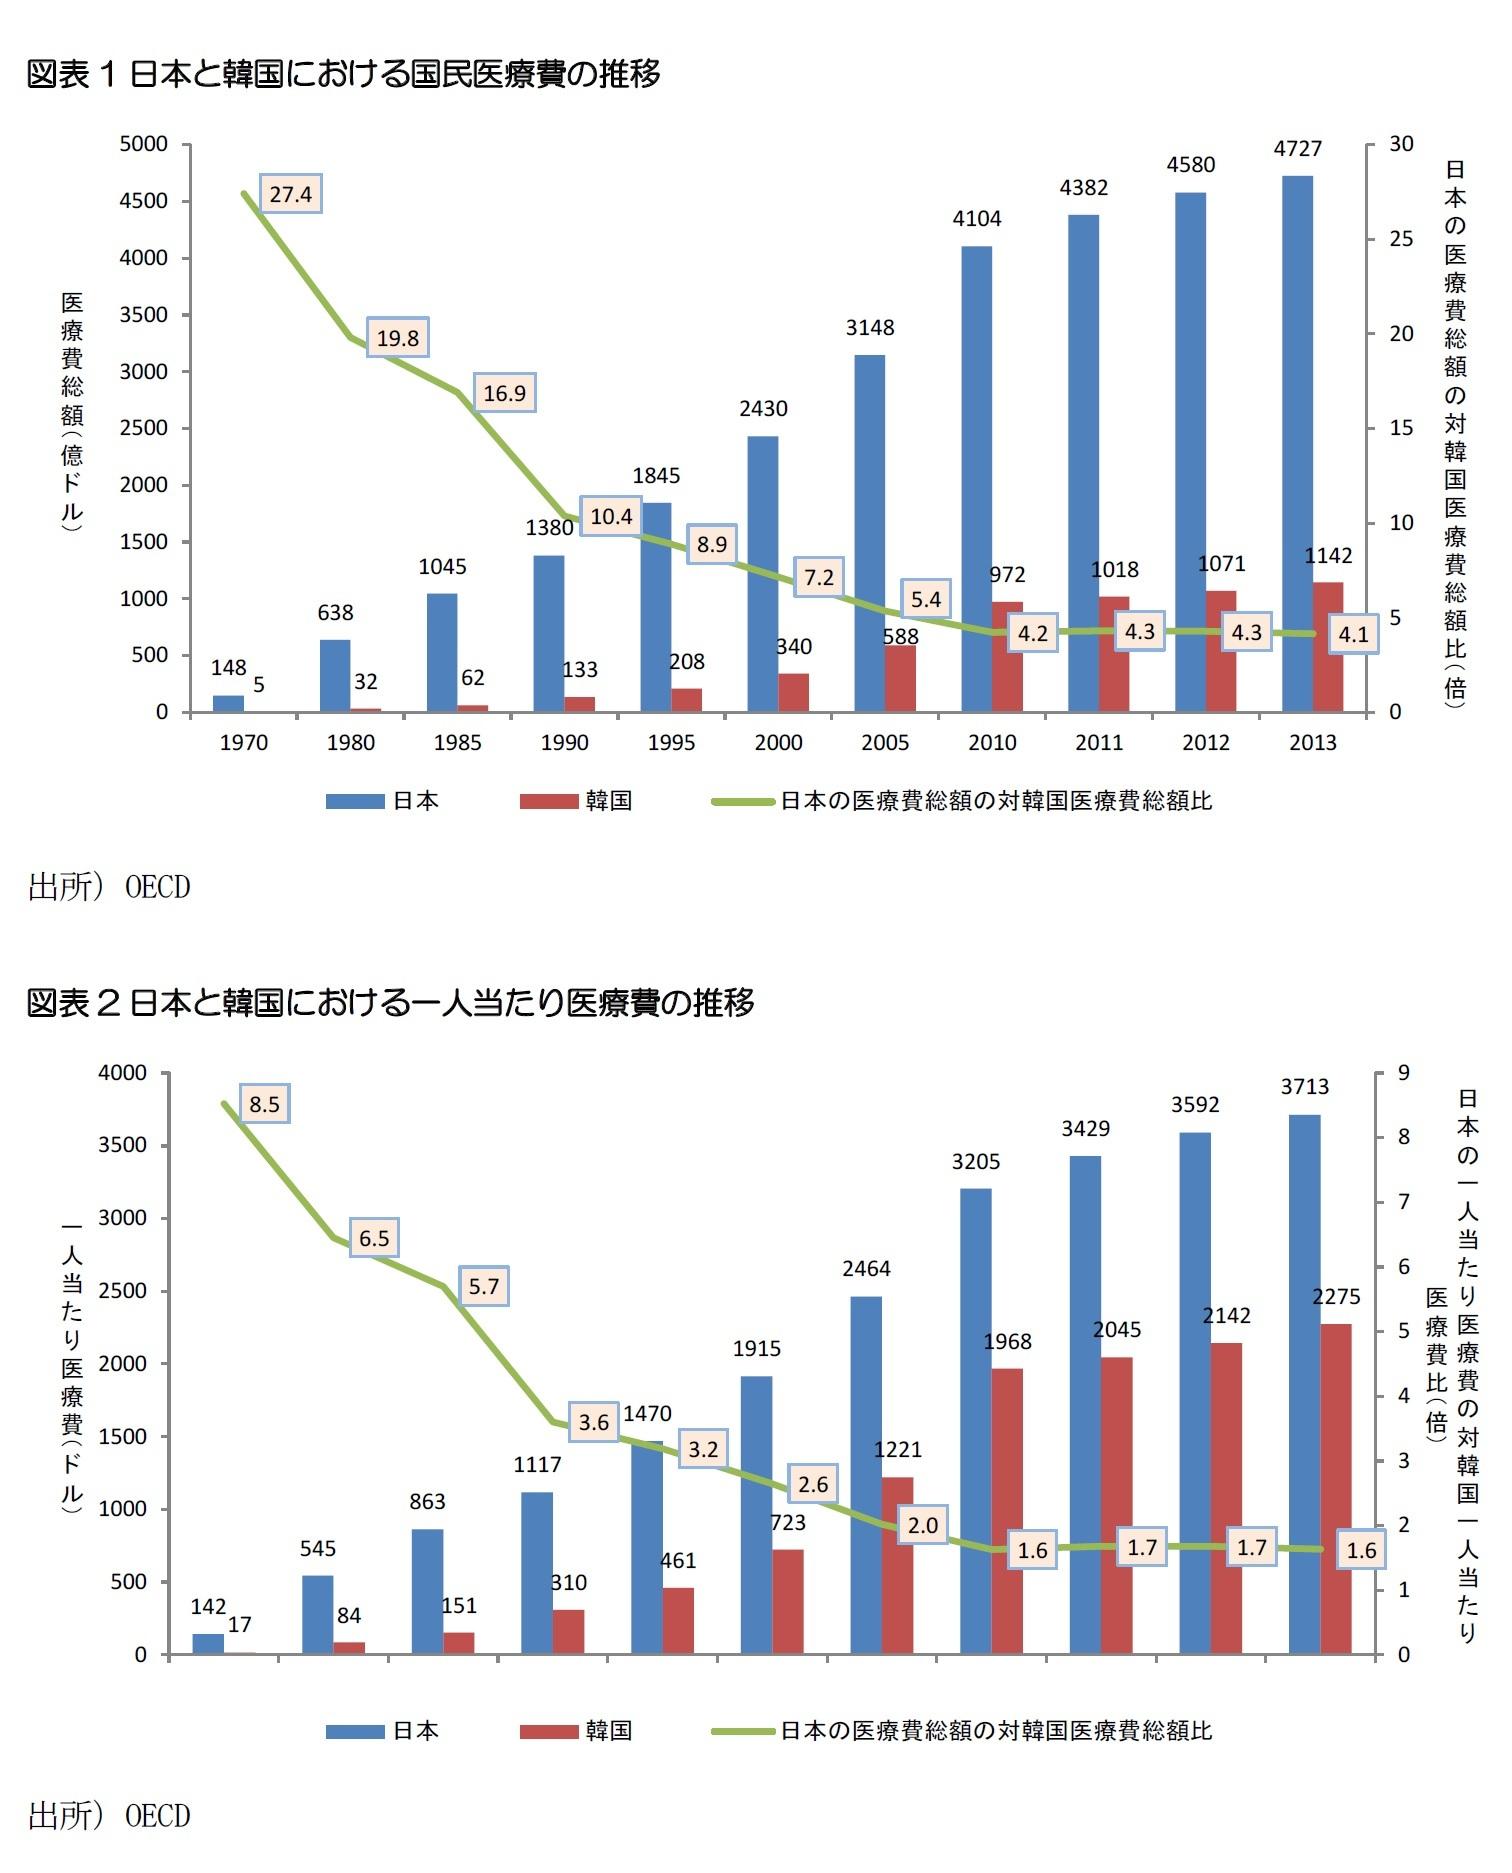 図表1日本と韓国における国民医療費の推移/図表2日本と韓国における一人当たり医療費の推移